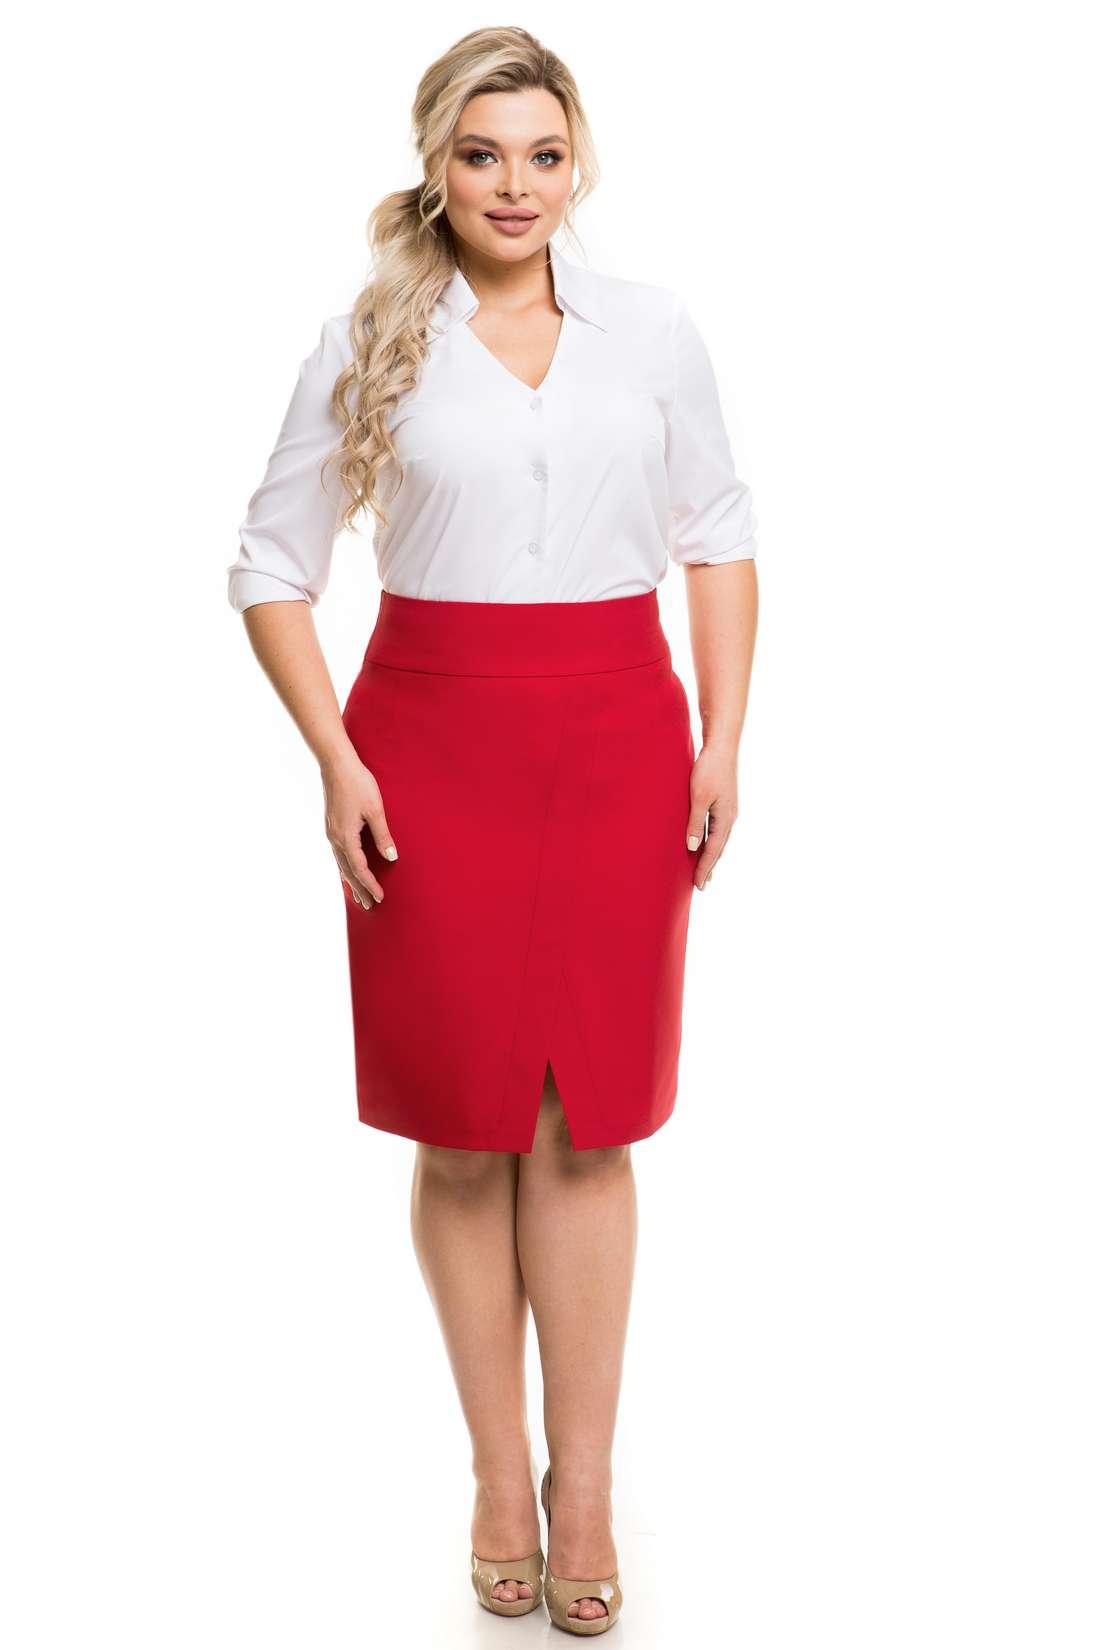 Стильная деловая юбка Venusita